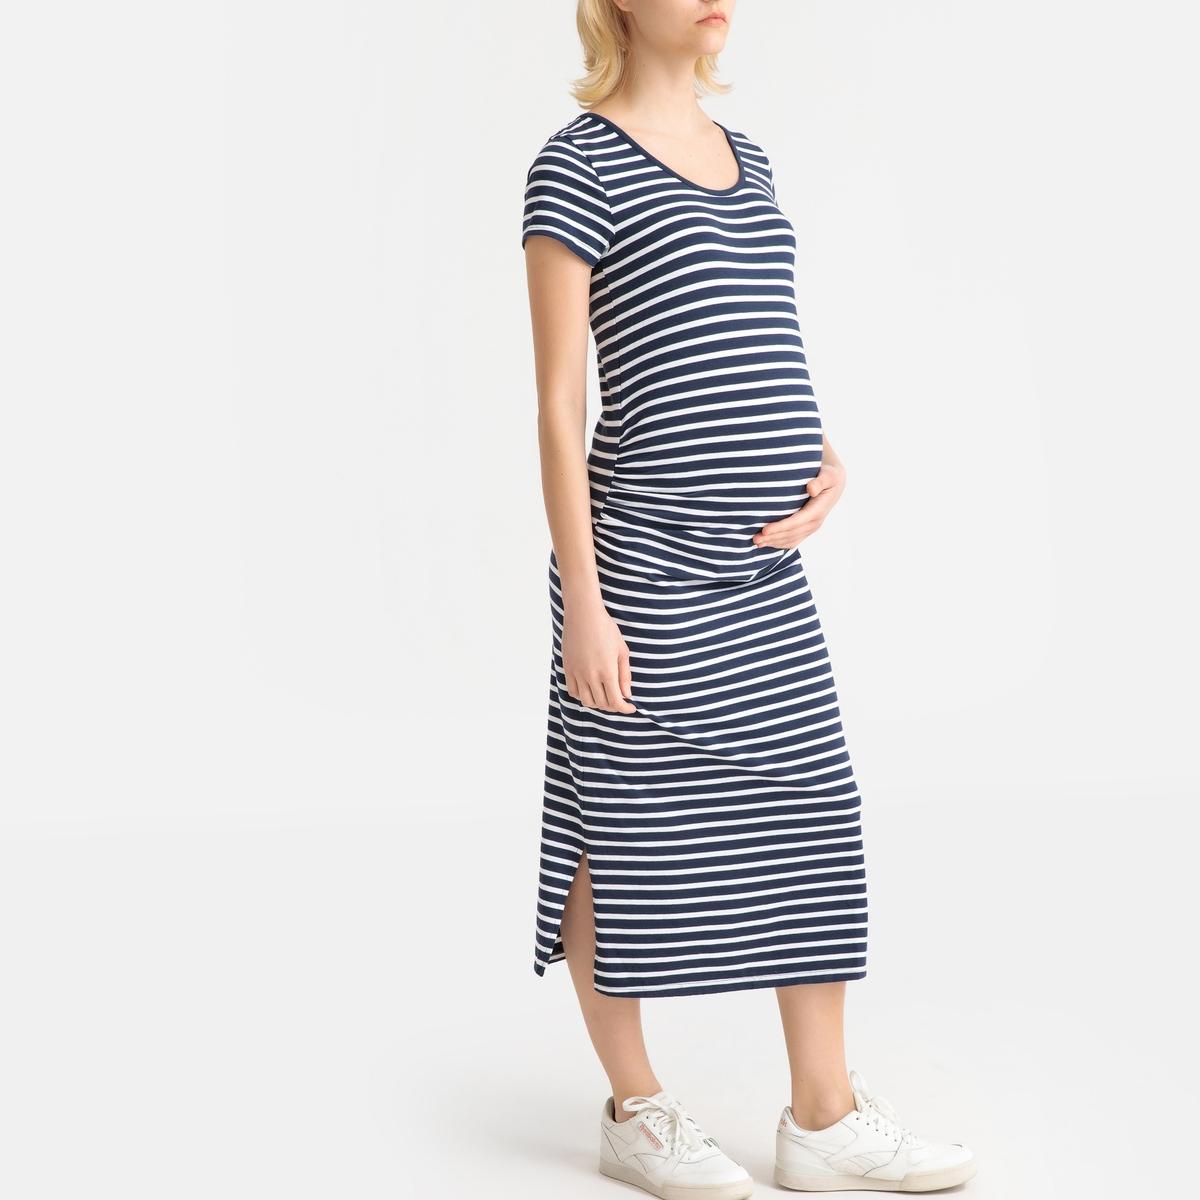 Платье La Redoute С короткими рукавами для периода беременности S синий платье la redoute из трикотажа для периода беременности s другие